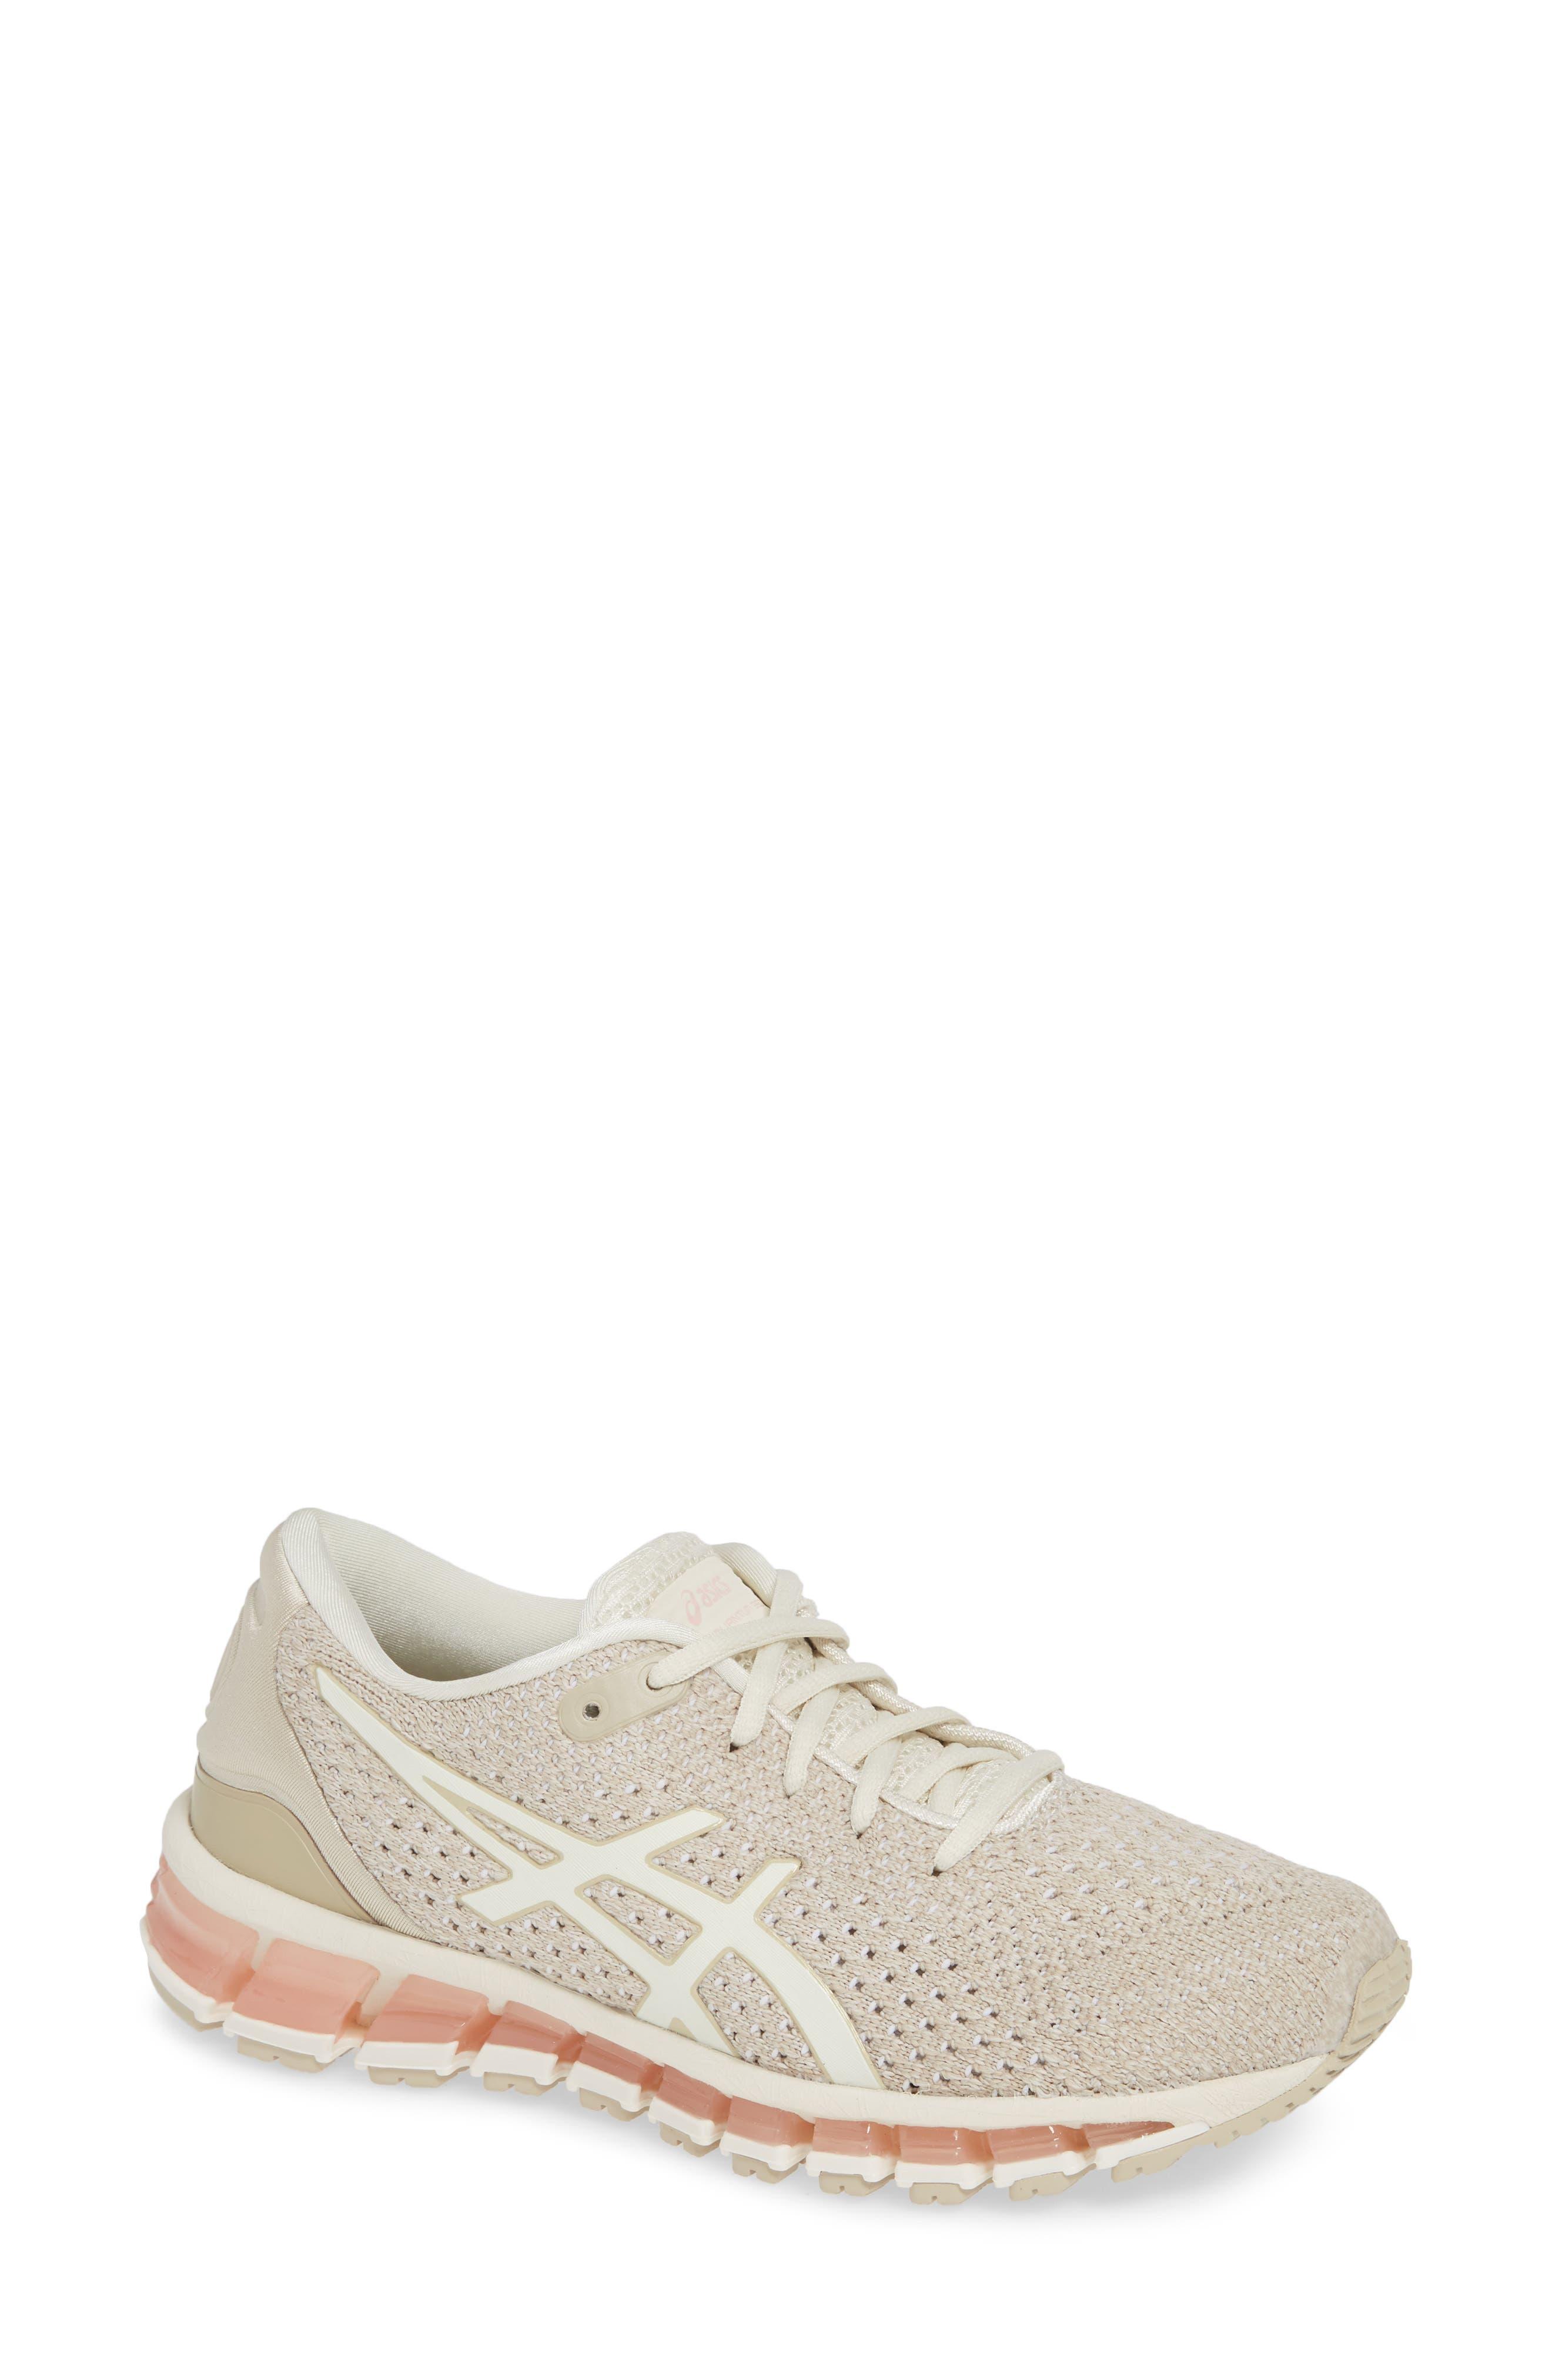 Asics Gel-Quantum 360 Running Shoe B - Beige